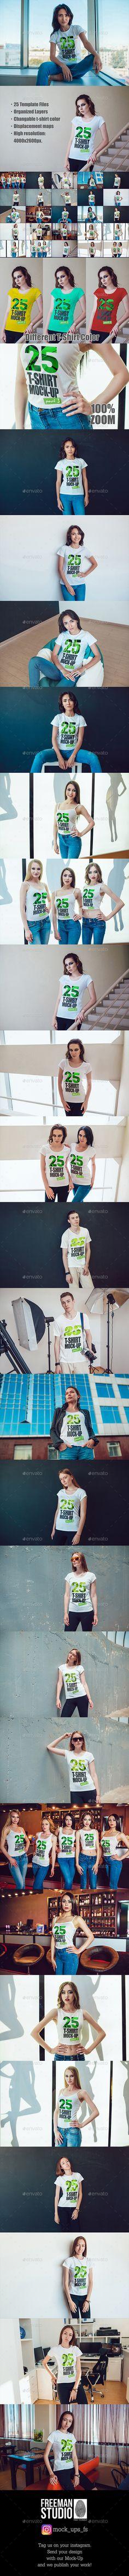 T-shirt design zeixs - 25 T Shirt Mock Up